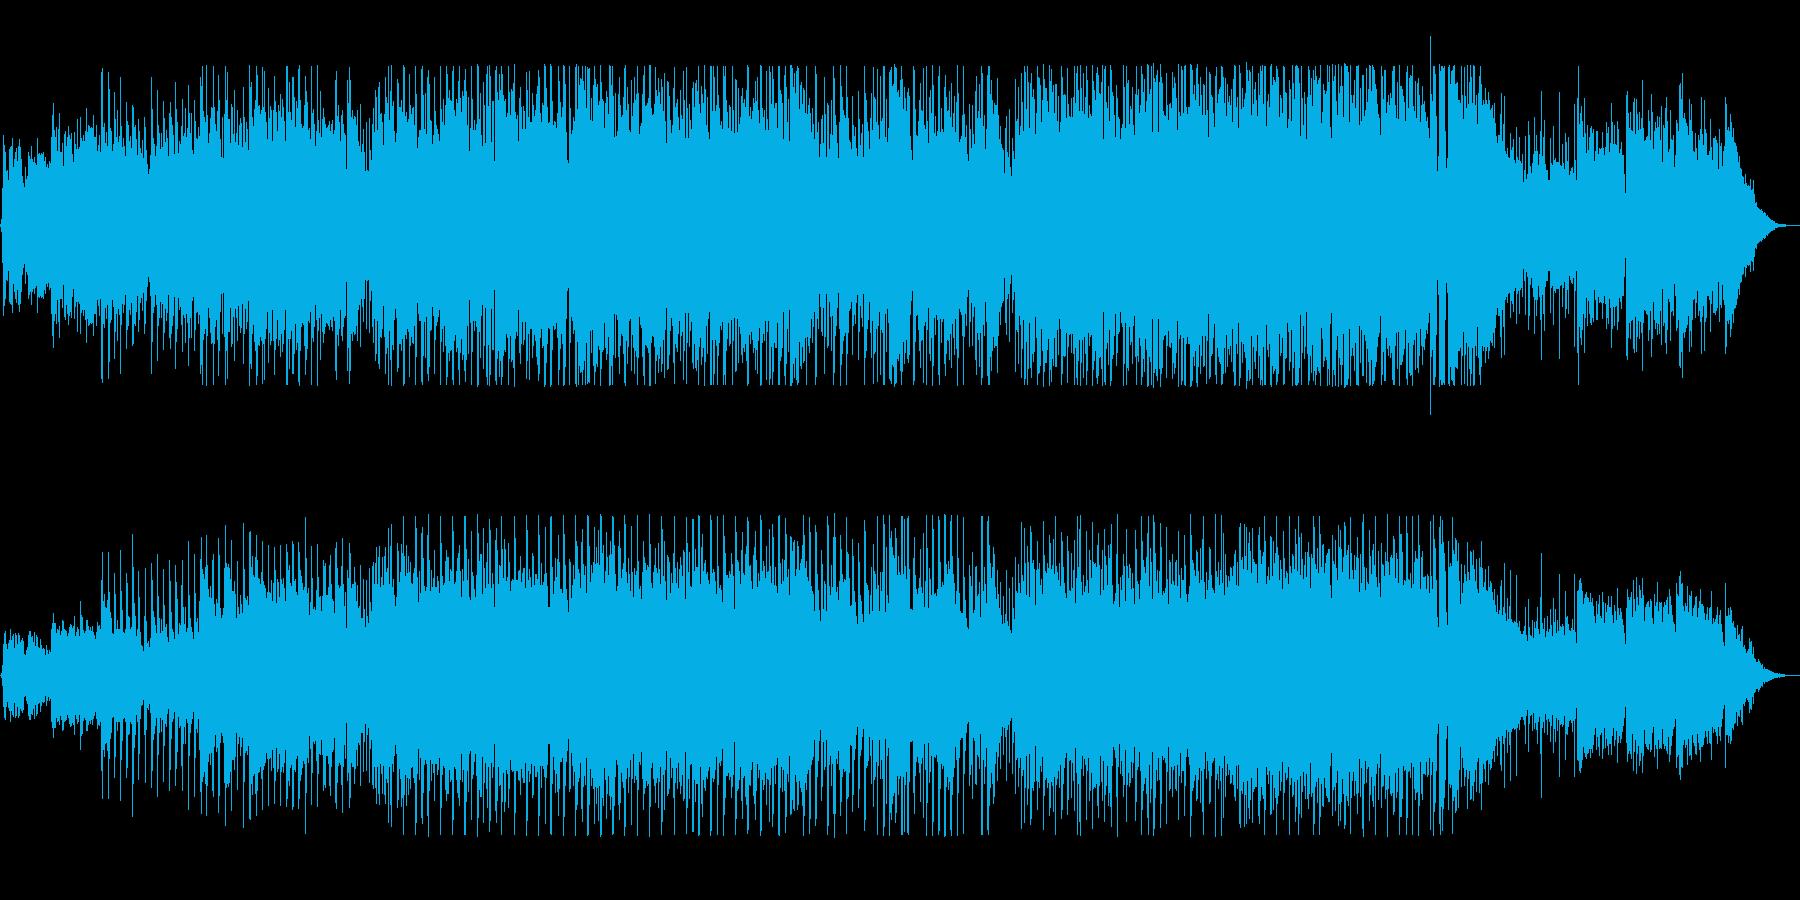 曲の変化が楽しい軽快なギターサウンドの再生済みの波形